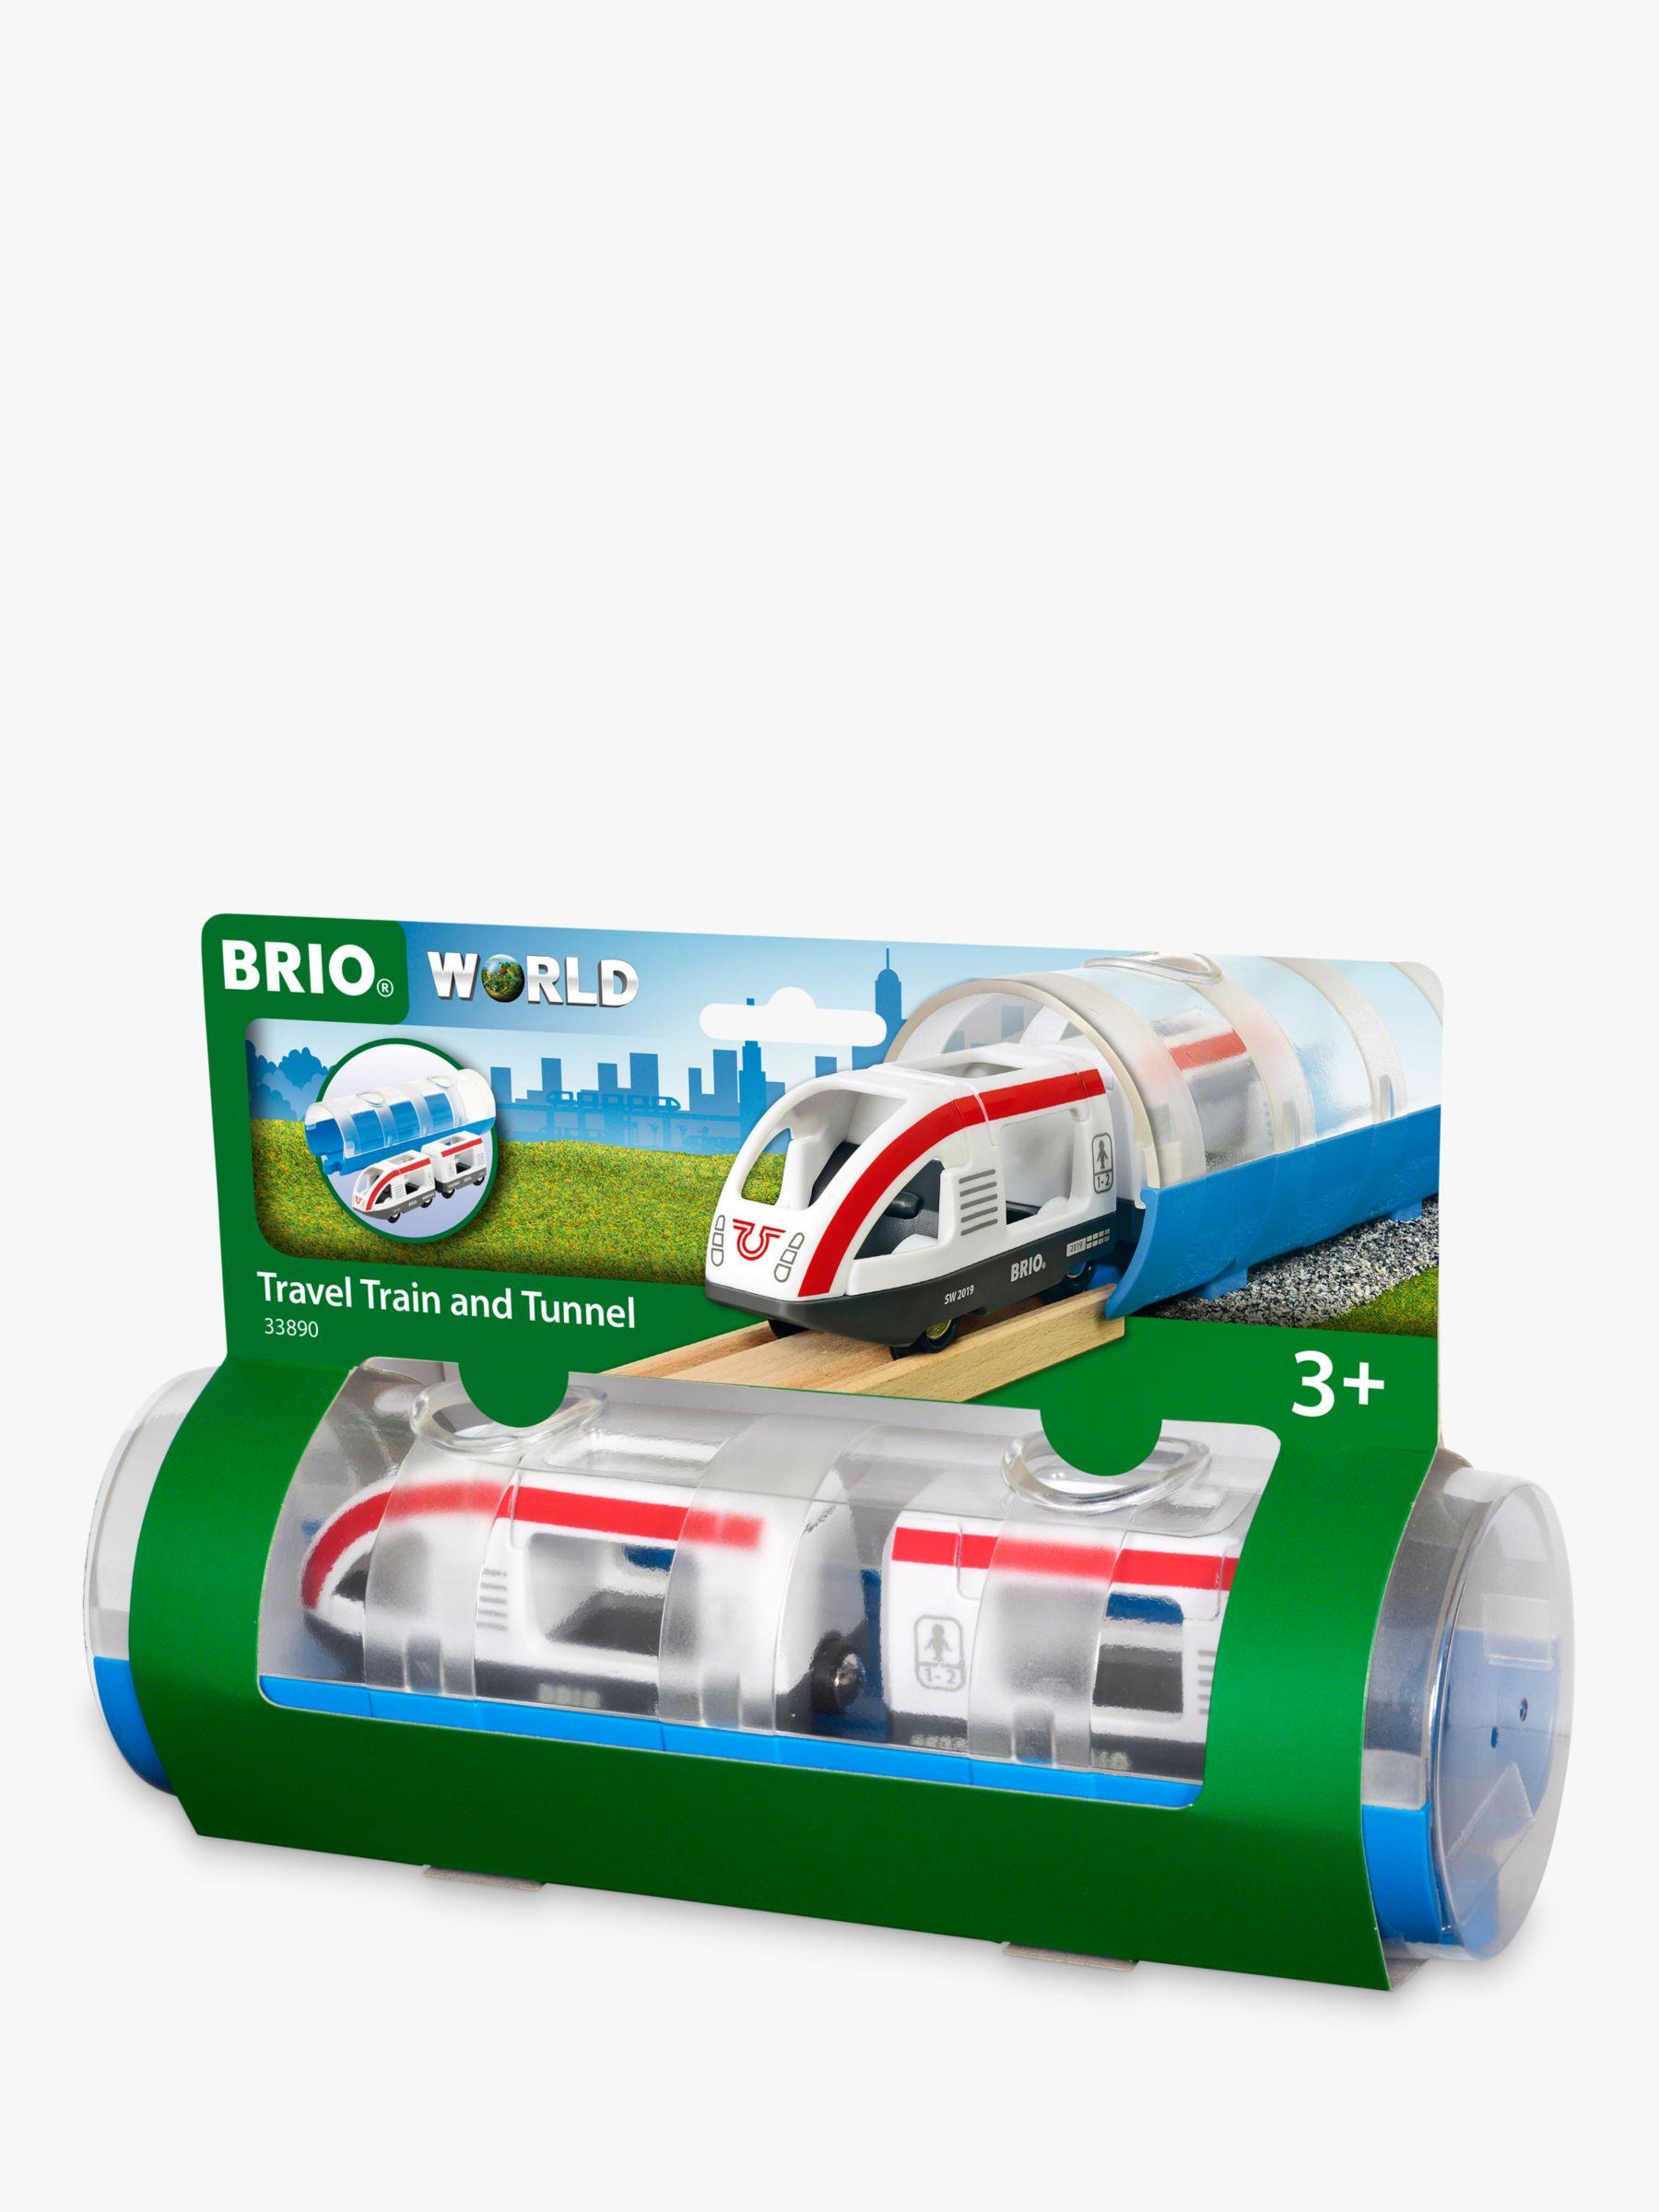 BRIO BRIO World Travel Train and Tunnel